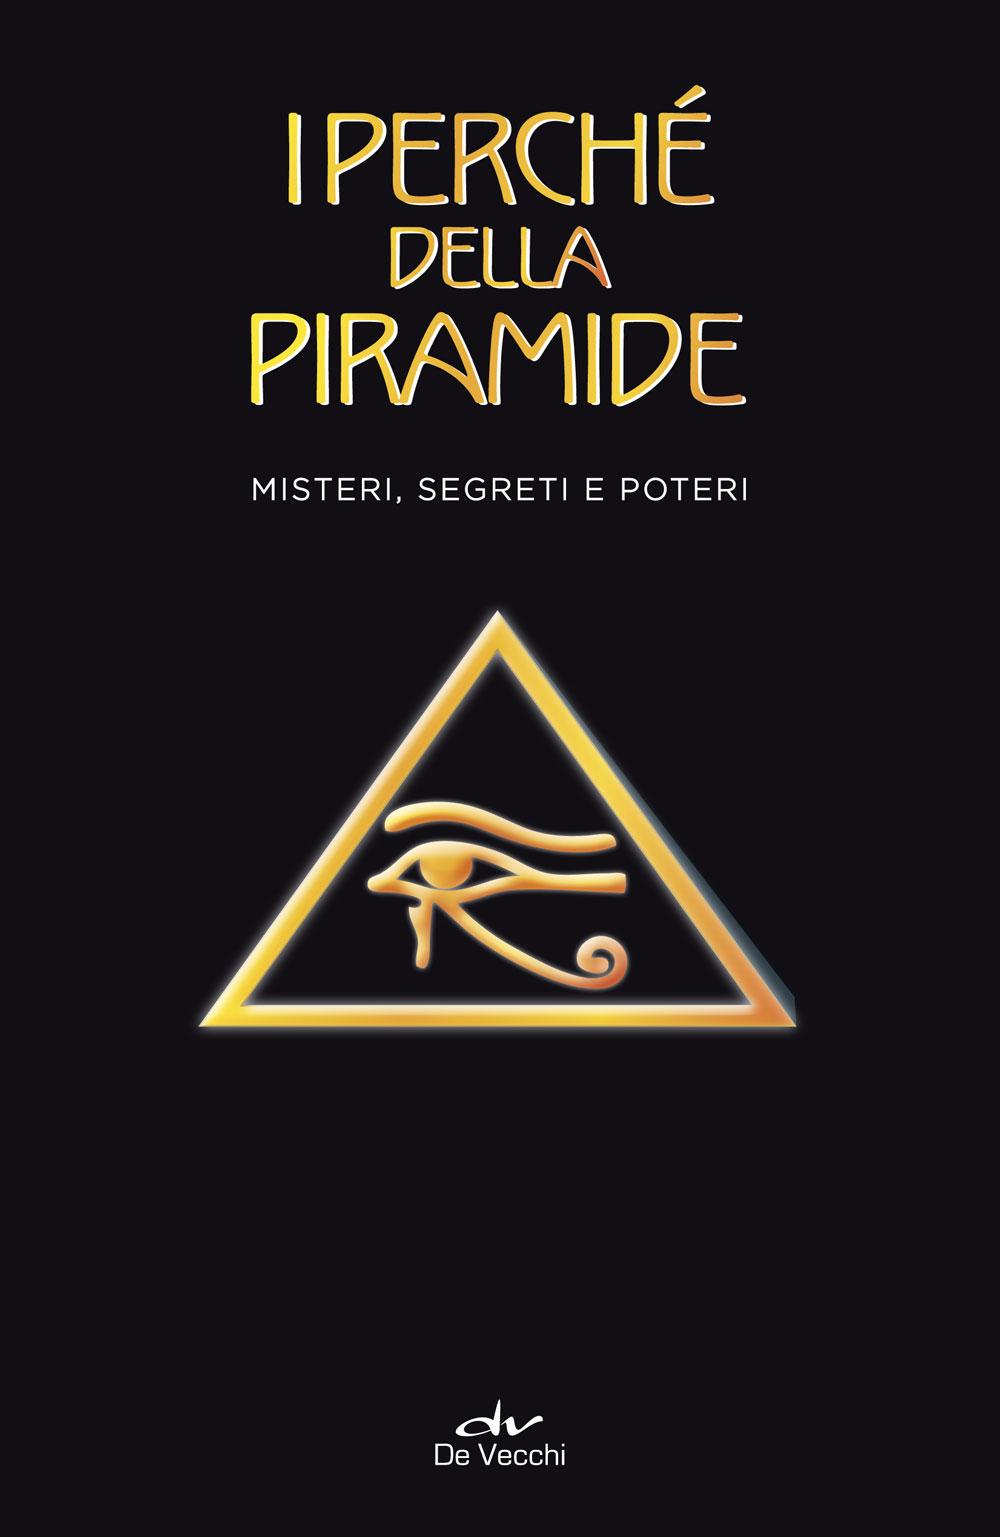 I perché della piramide